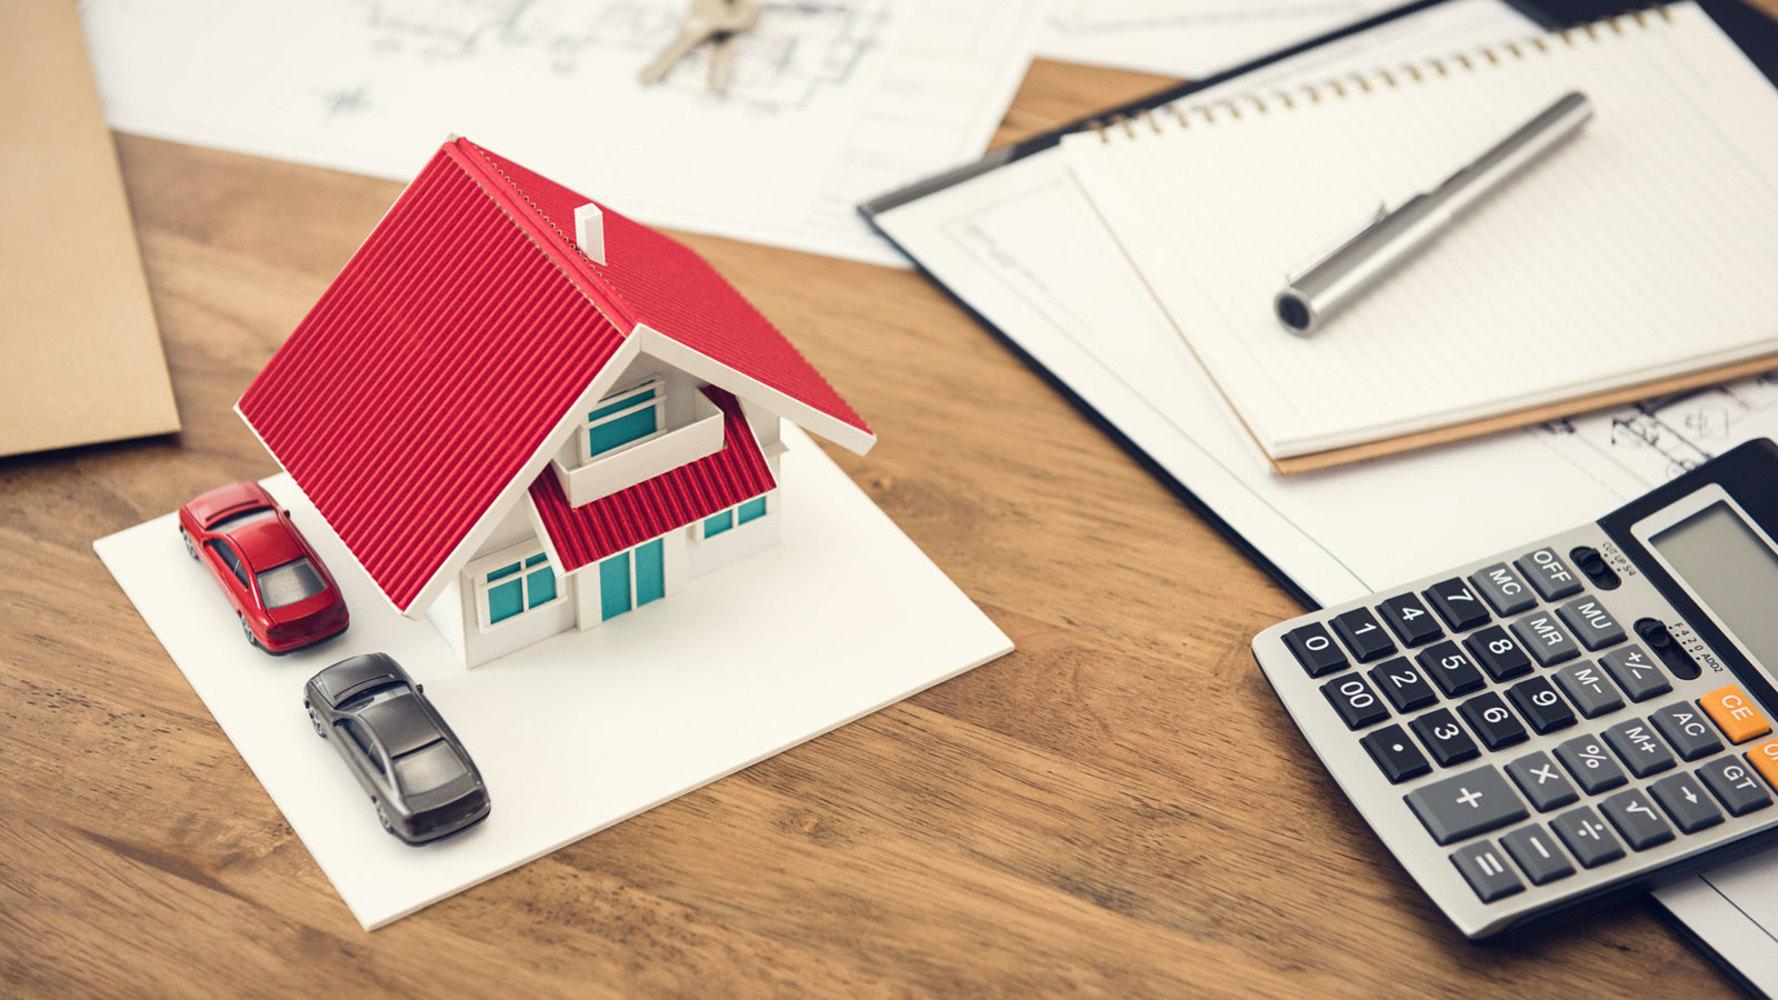 Cách tính lãi suất mua nhà trả góp đơn giản và chính xác nhất  - Ảnh 5.